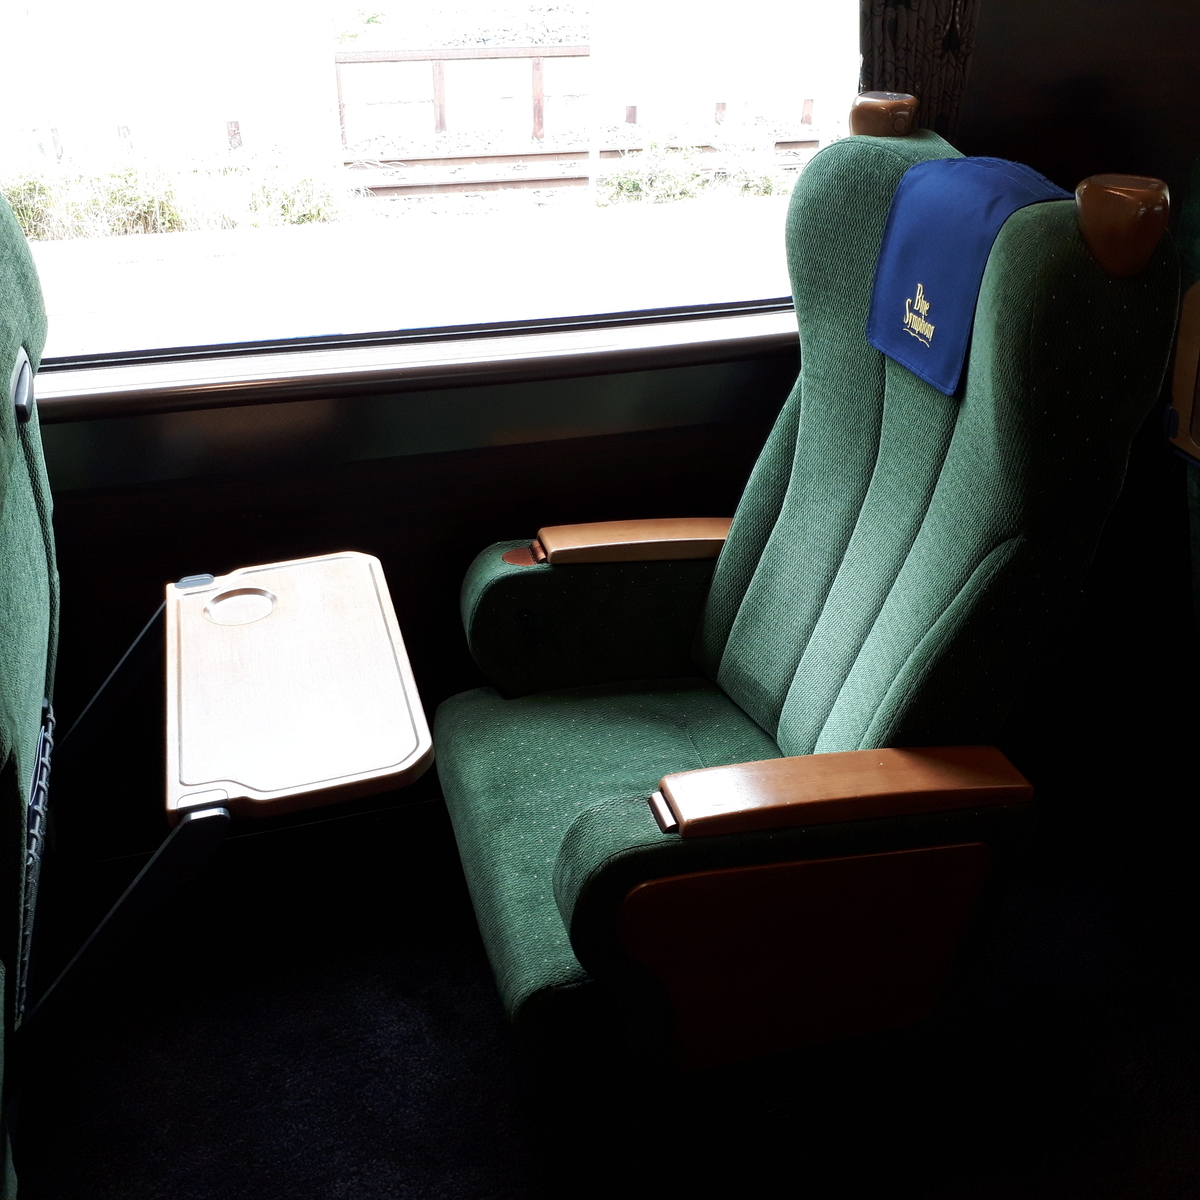 近鉄 青の交響曲 1号車 3号車 座席